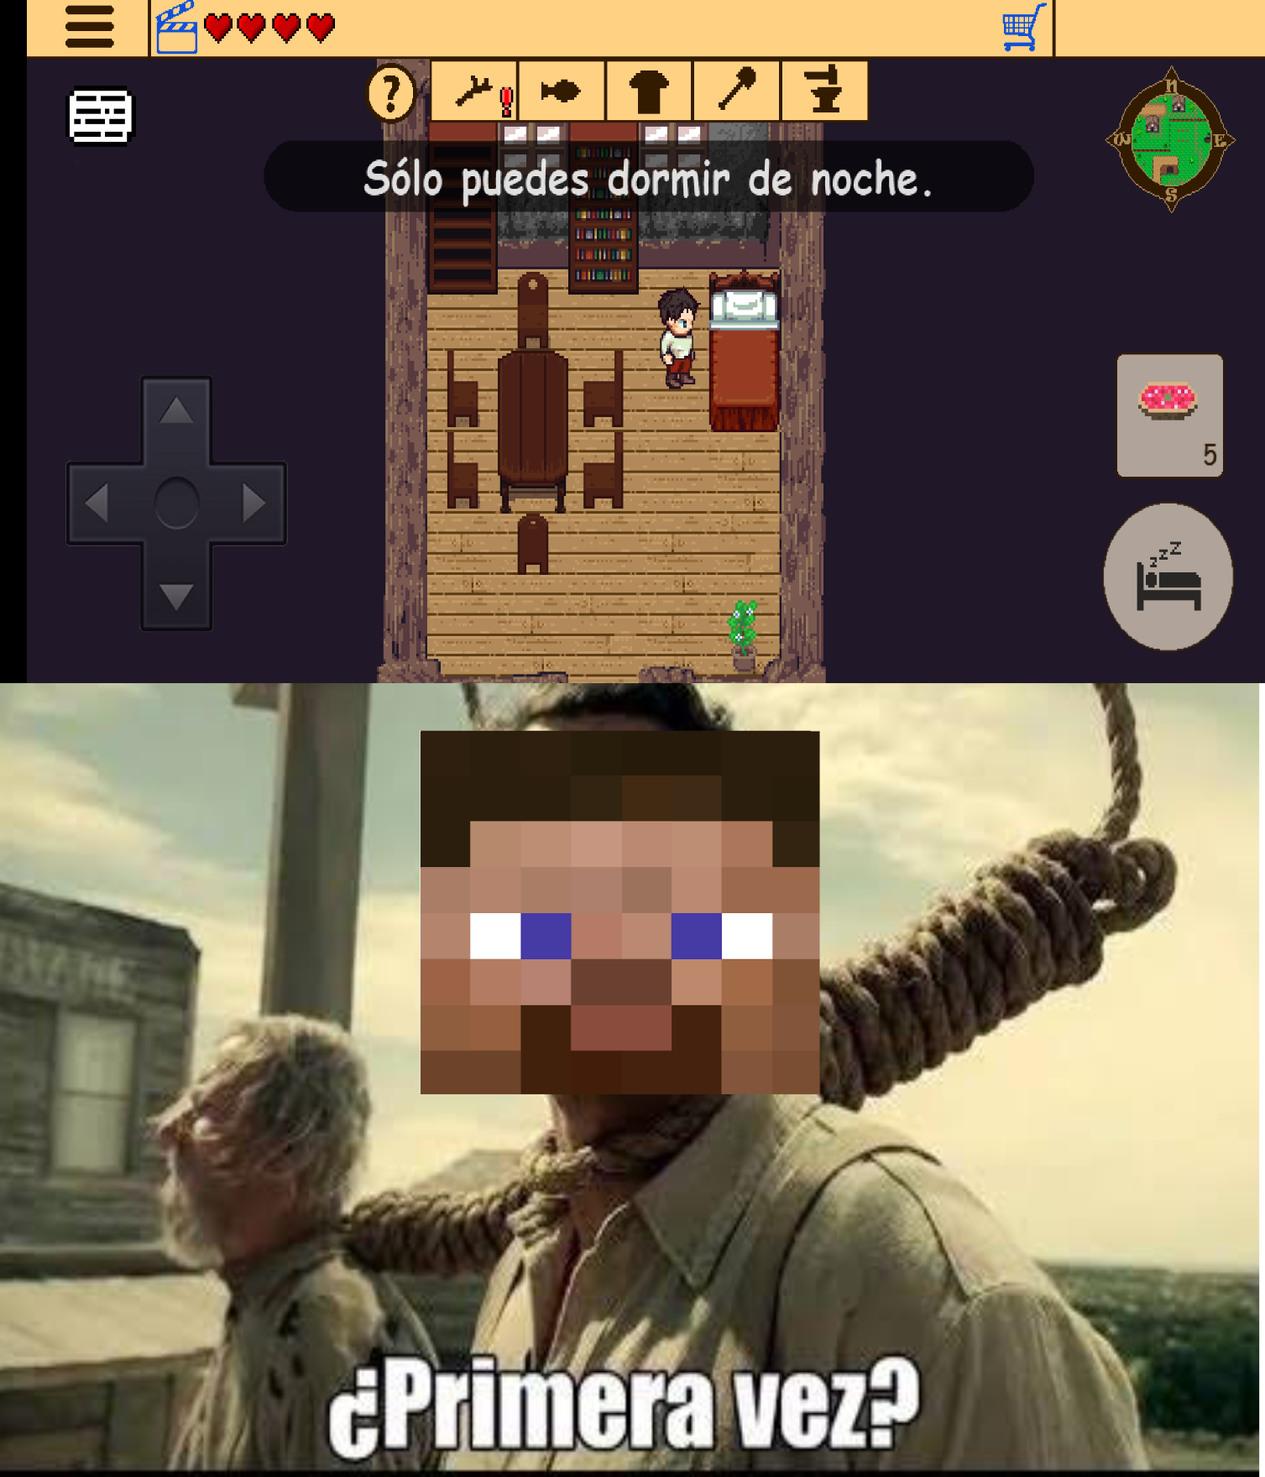 El juego se llama rpg survival ruins,de hecho es una trilogía - meme